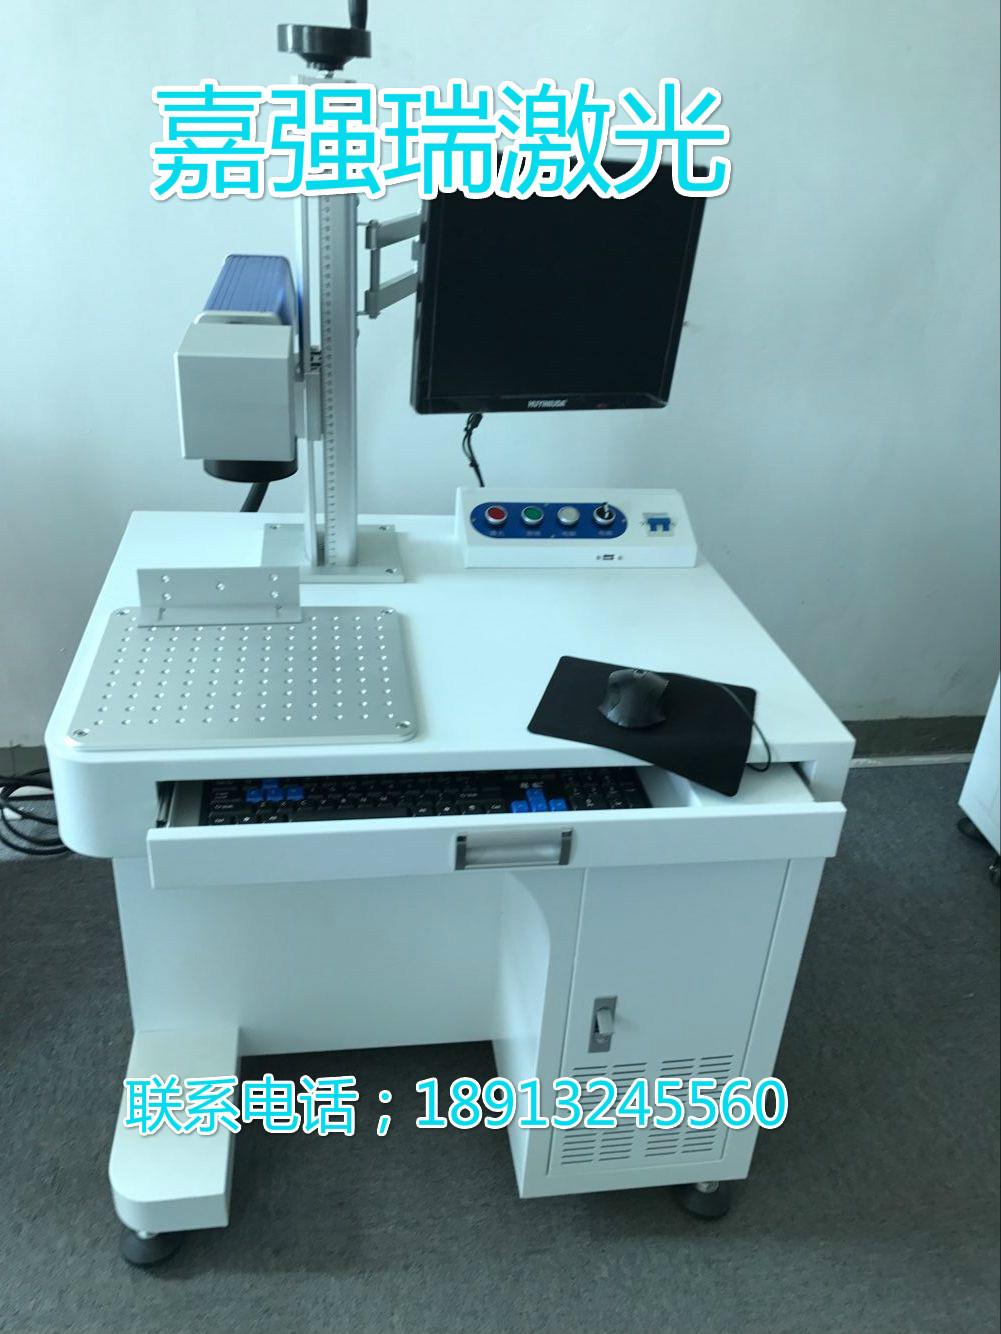 昆山厂家销售专业金属激光刻字机